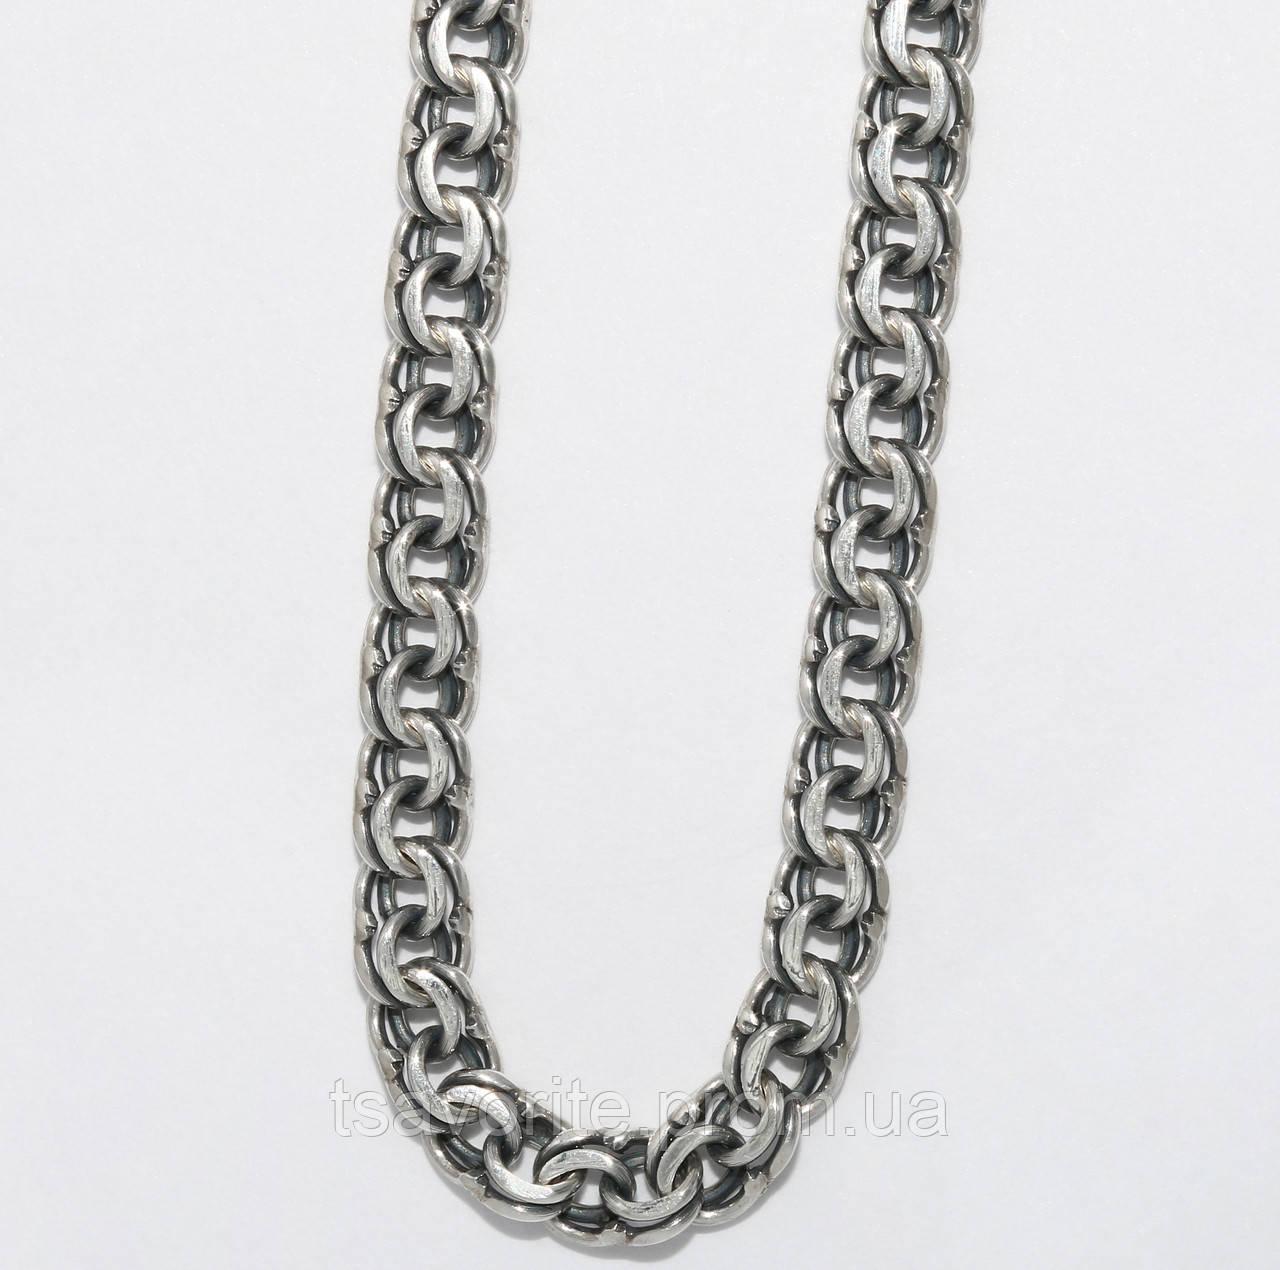 Серебряная цепочка 10311-Ч